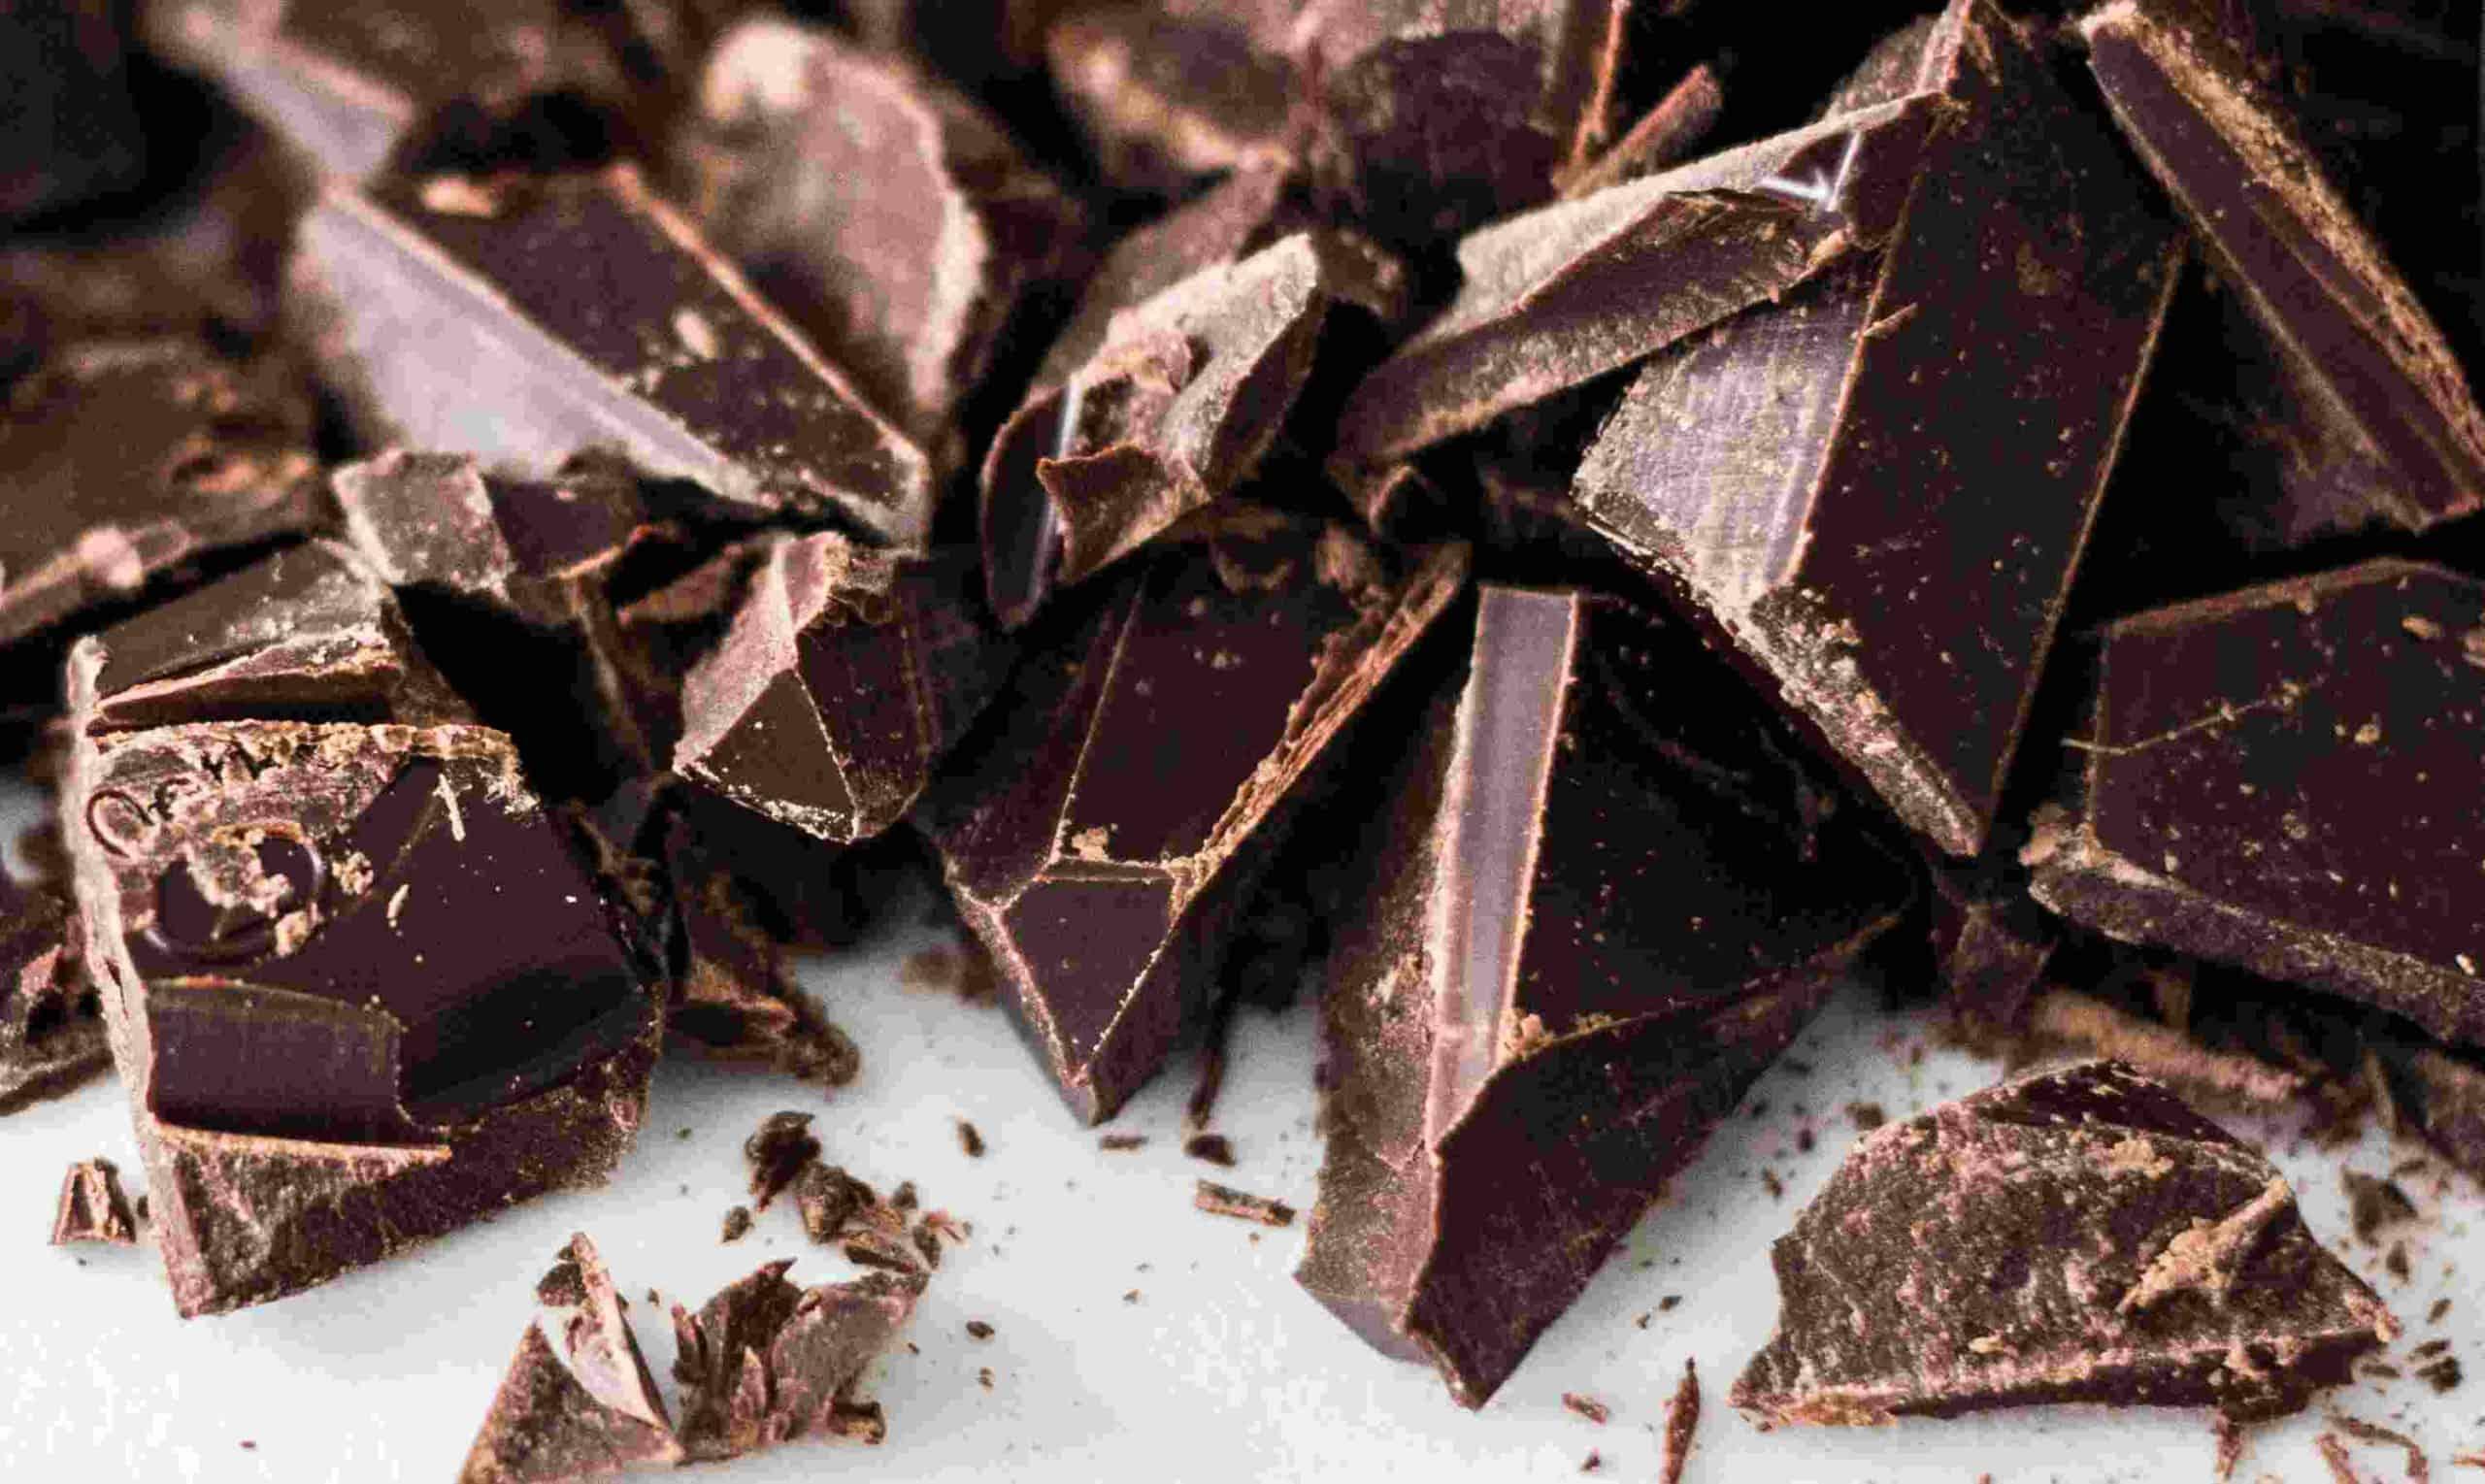 Ένας άλλος μύθος είναι ότι η σοκολάτα προκαλεί τερηδόνα.